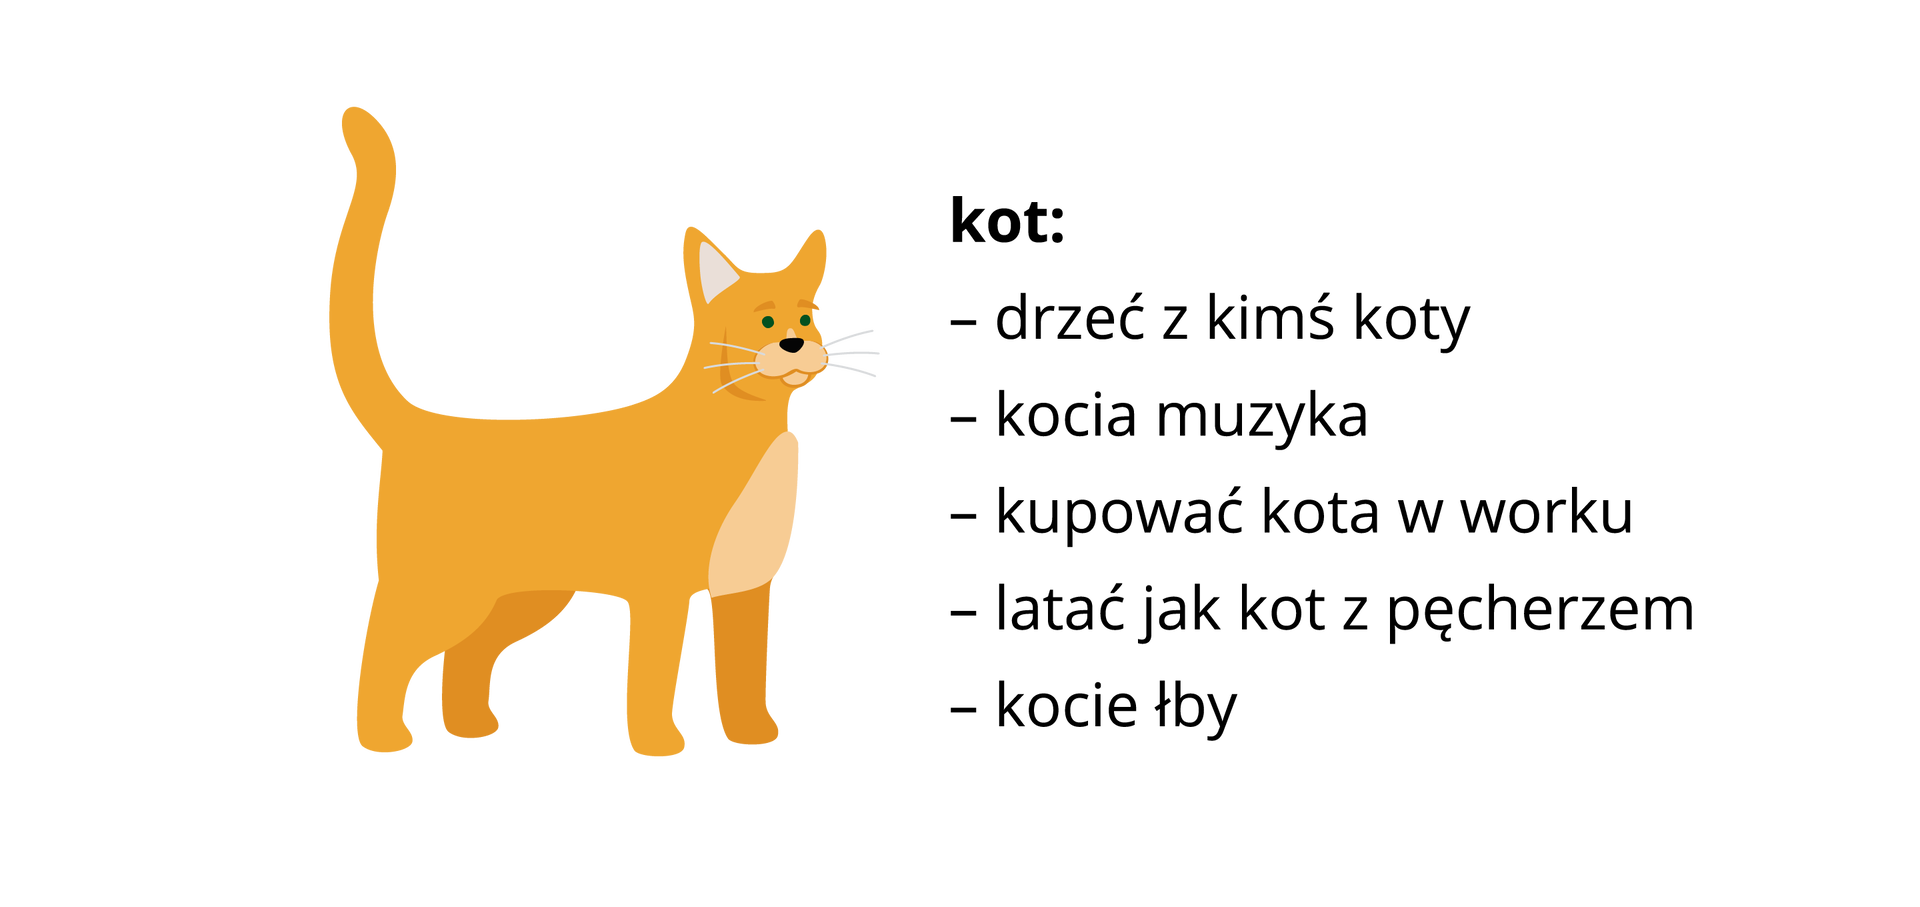 kot ilustracja Źródło: Shutterstock, tylko do użytku edukacyjnego na epodreczniki.pl.